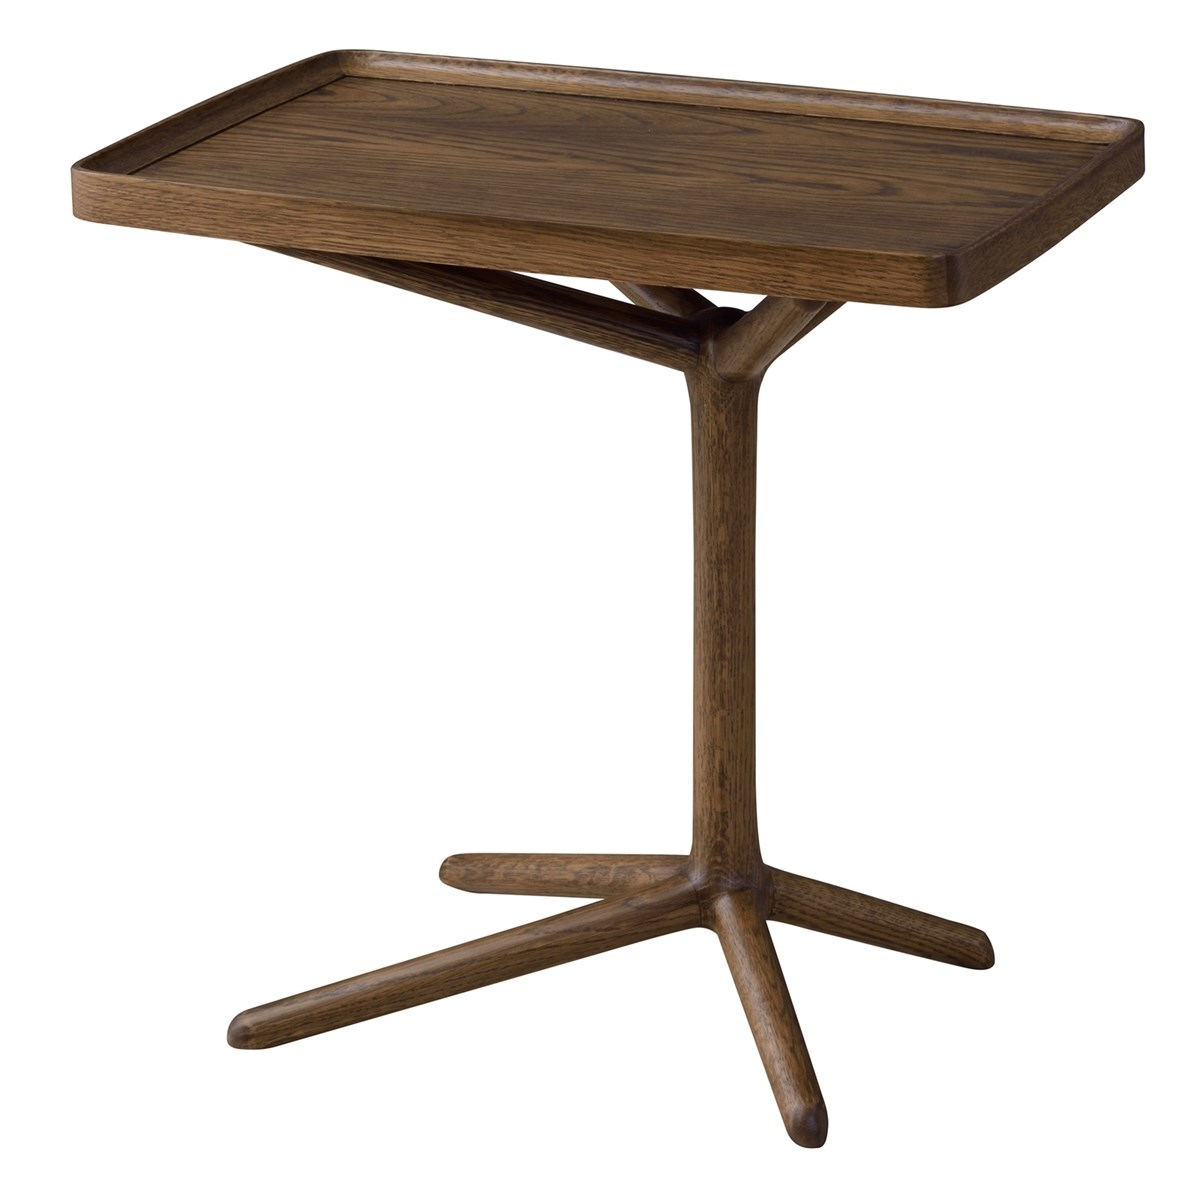 単品 2WAYサイドテーブル エンドテーブル コーナーテーブル 小型 脇台 机 ブラウン 茶